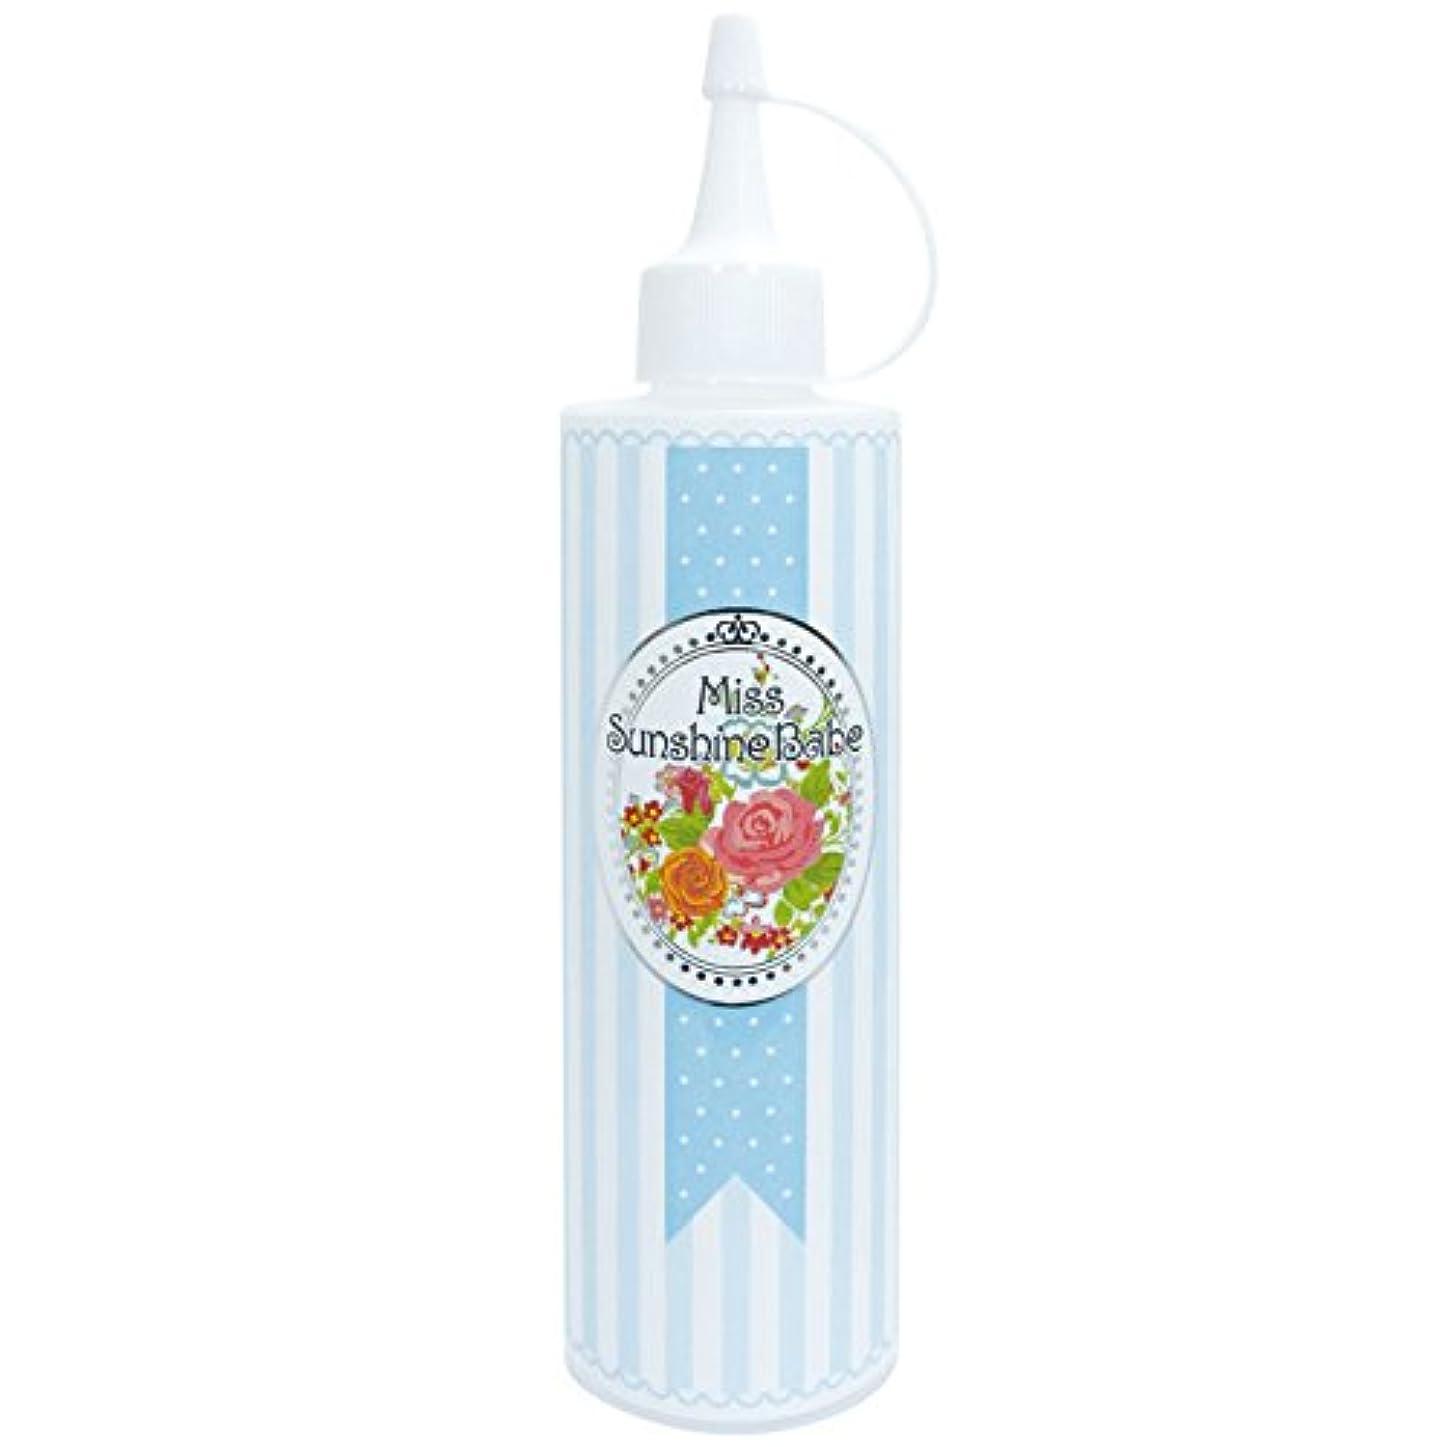 クラス取り付け水を飲むMiss SunshineBabe ミス サンシャインベビー ネイルクレンザー150ml